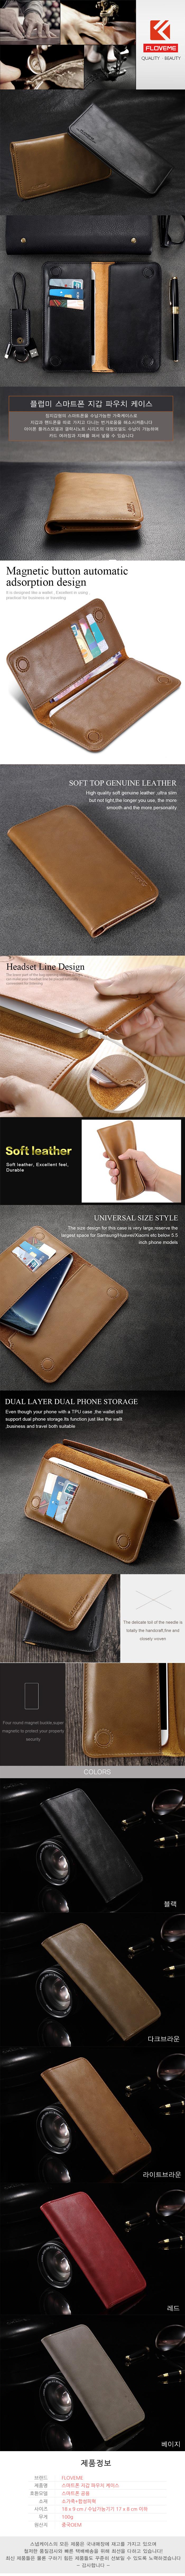 FLOVEME 스마트폰 지갑파우치 케이스 장지갑형 - 스냅케이스, 18,000원, 케이스, 갤럭시S8/S8플러스